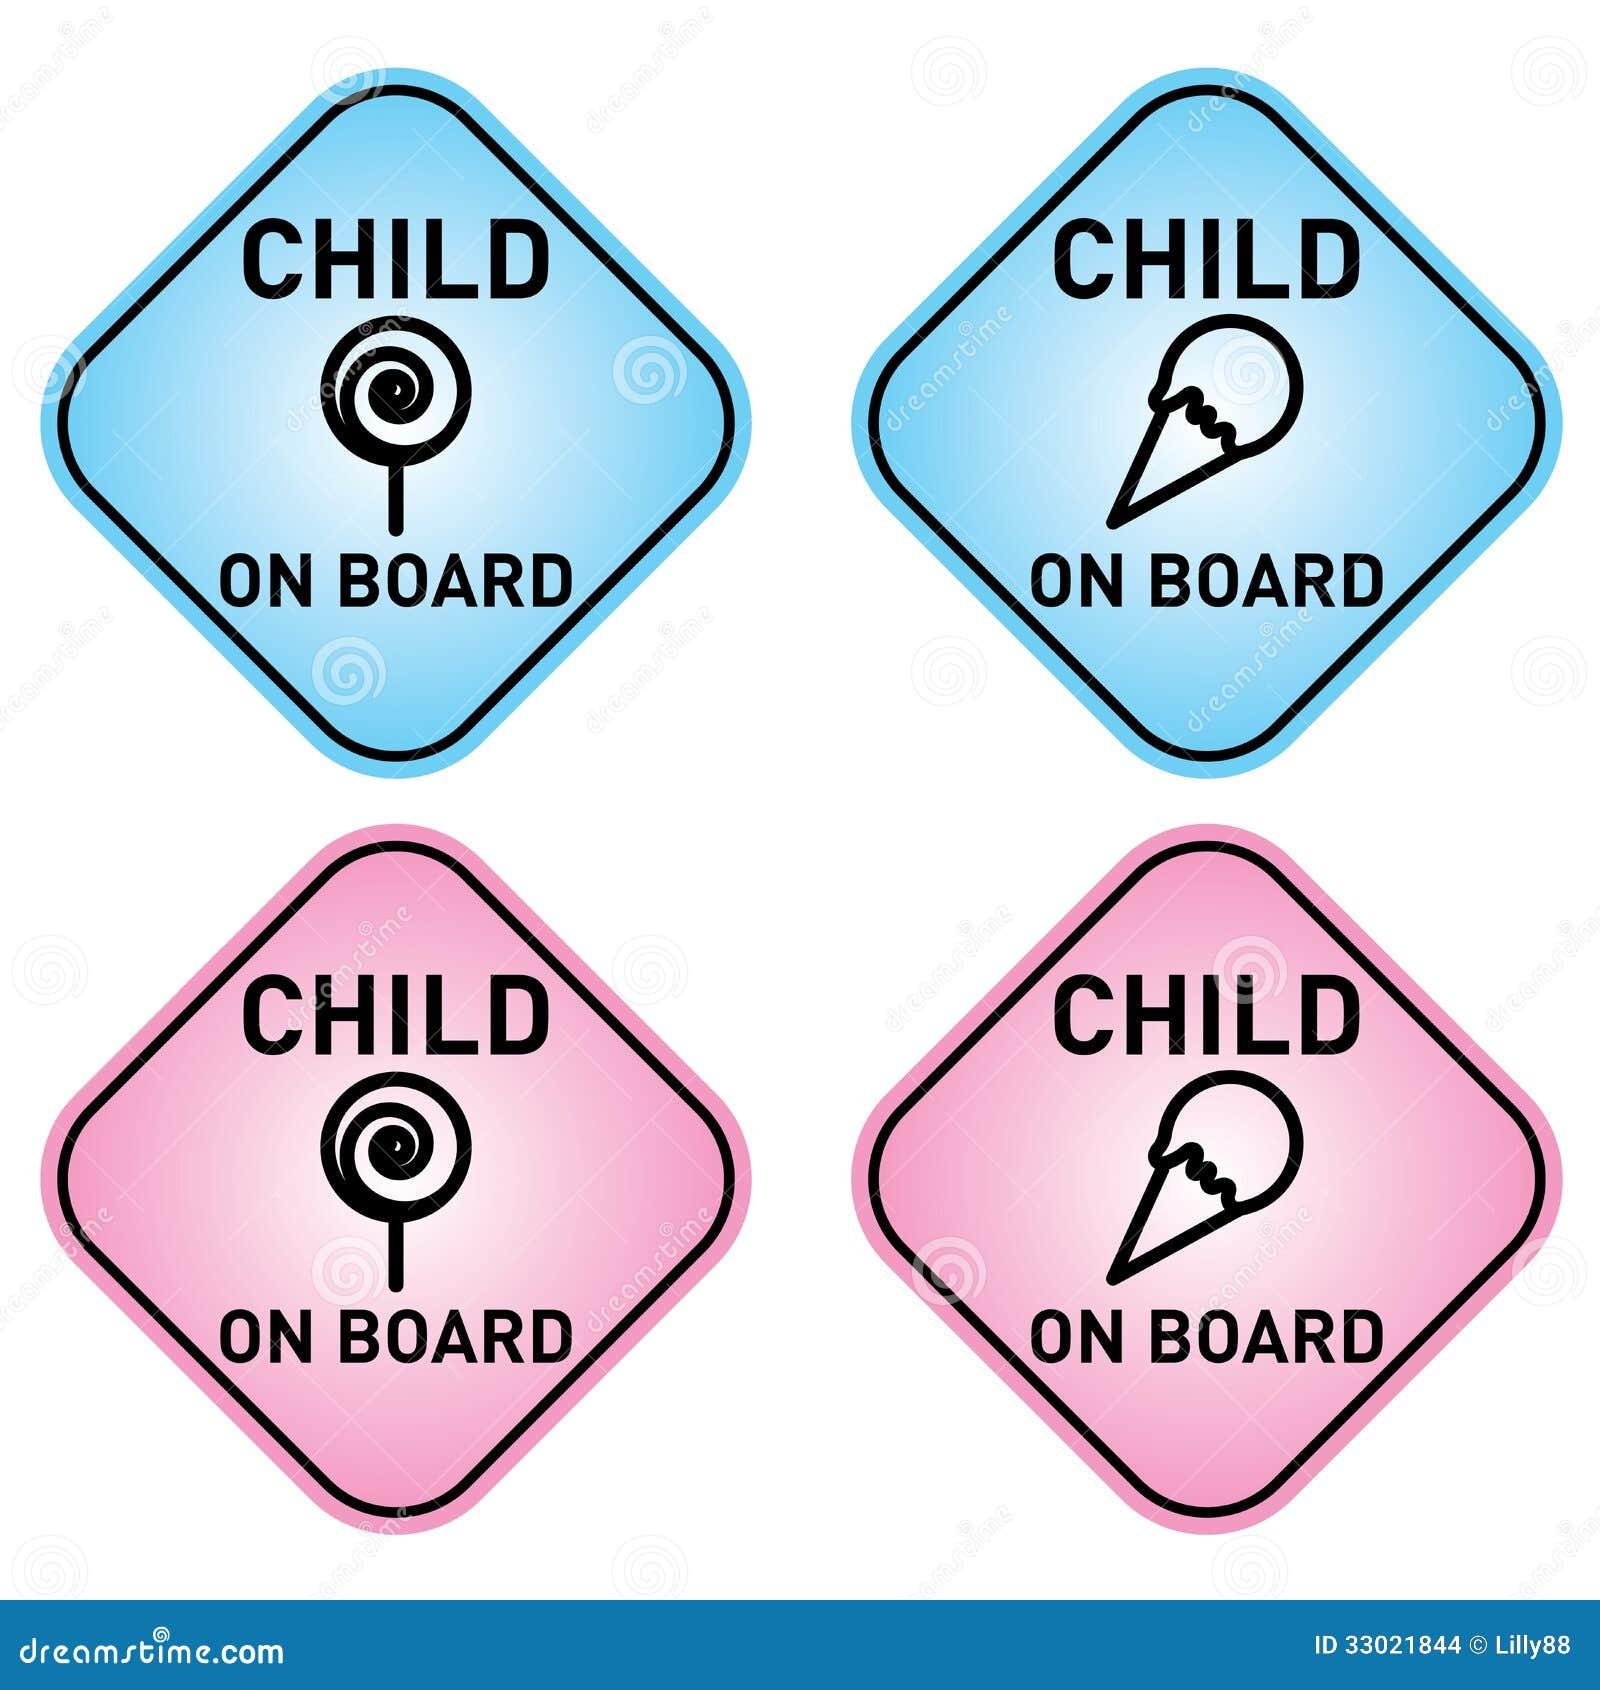 signs of boy vs girl